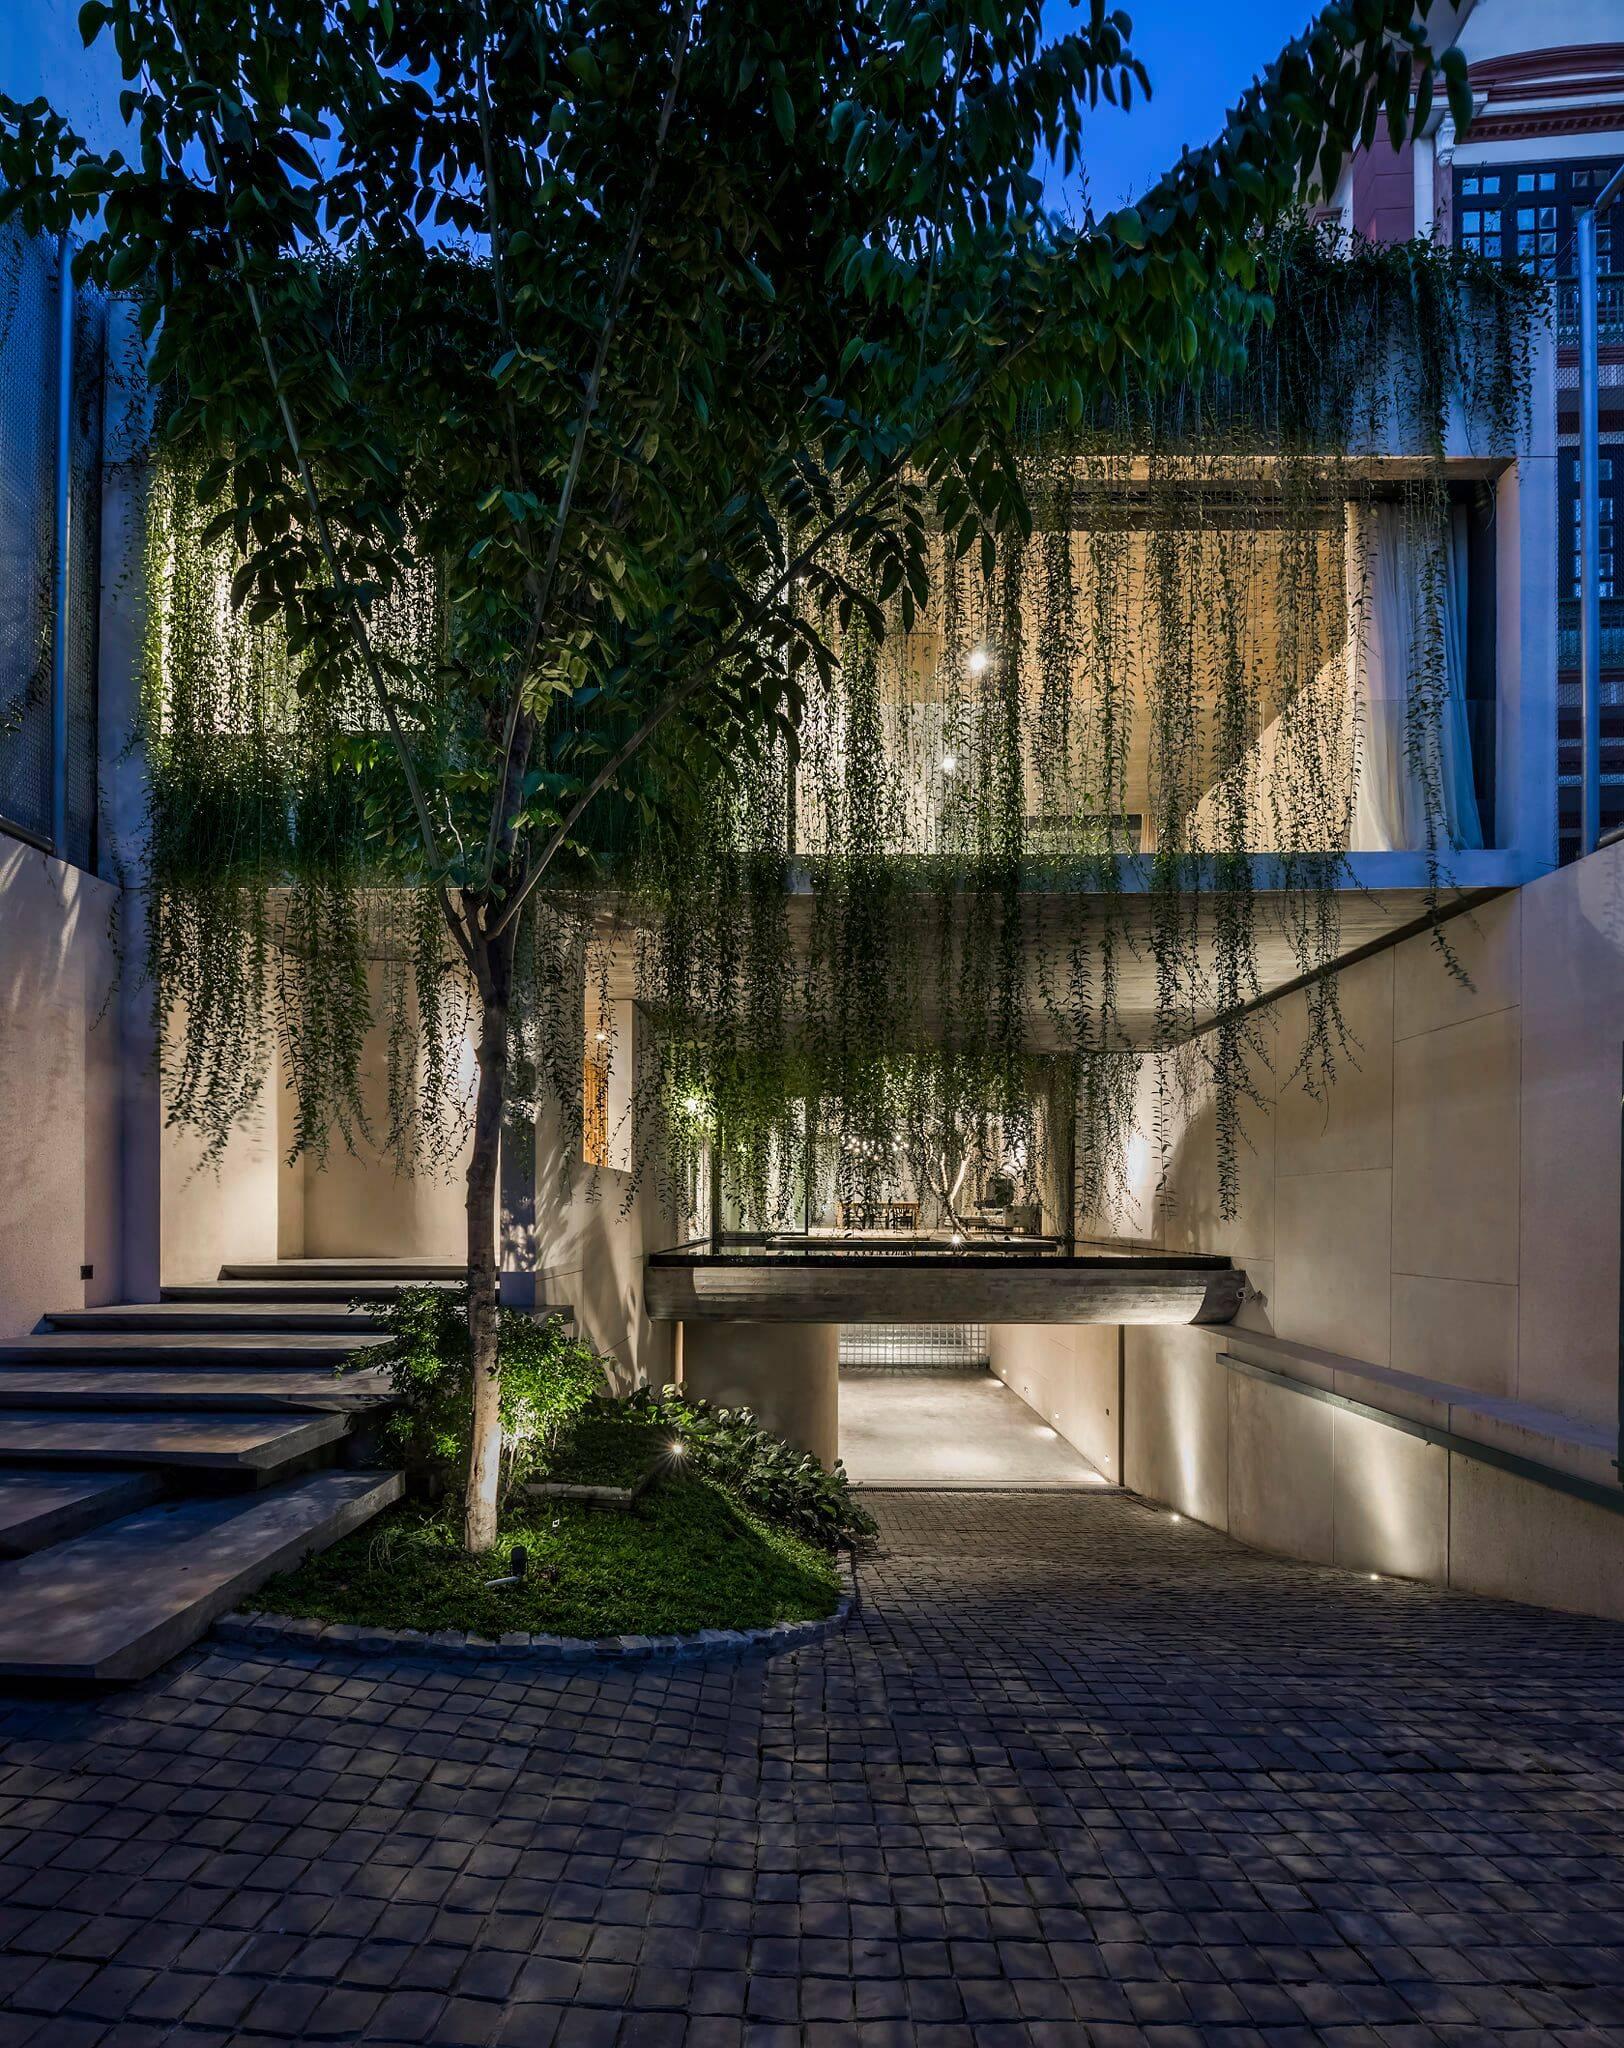 Khuôn viên Tân Định Villa lung linh, dịu dàng trong màn đêm